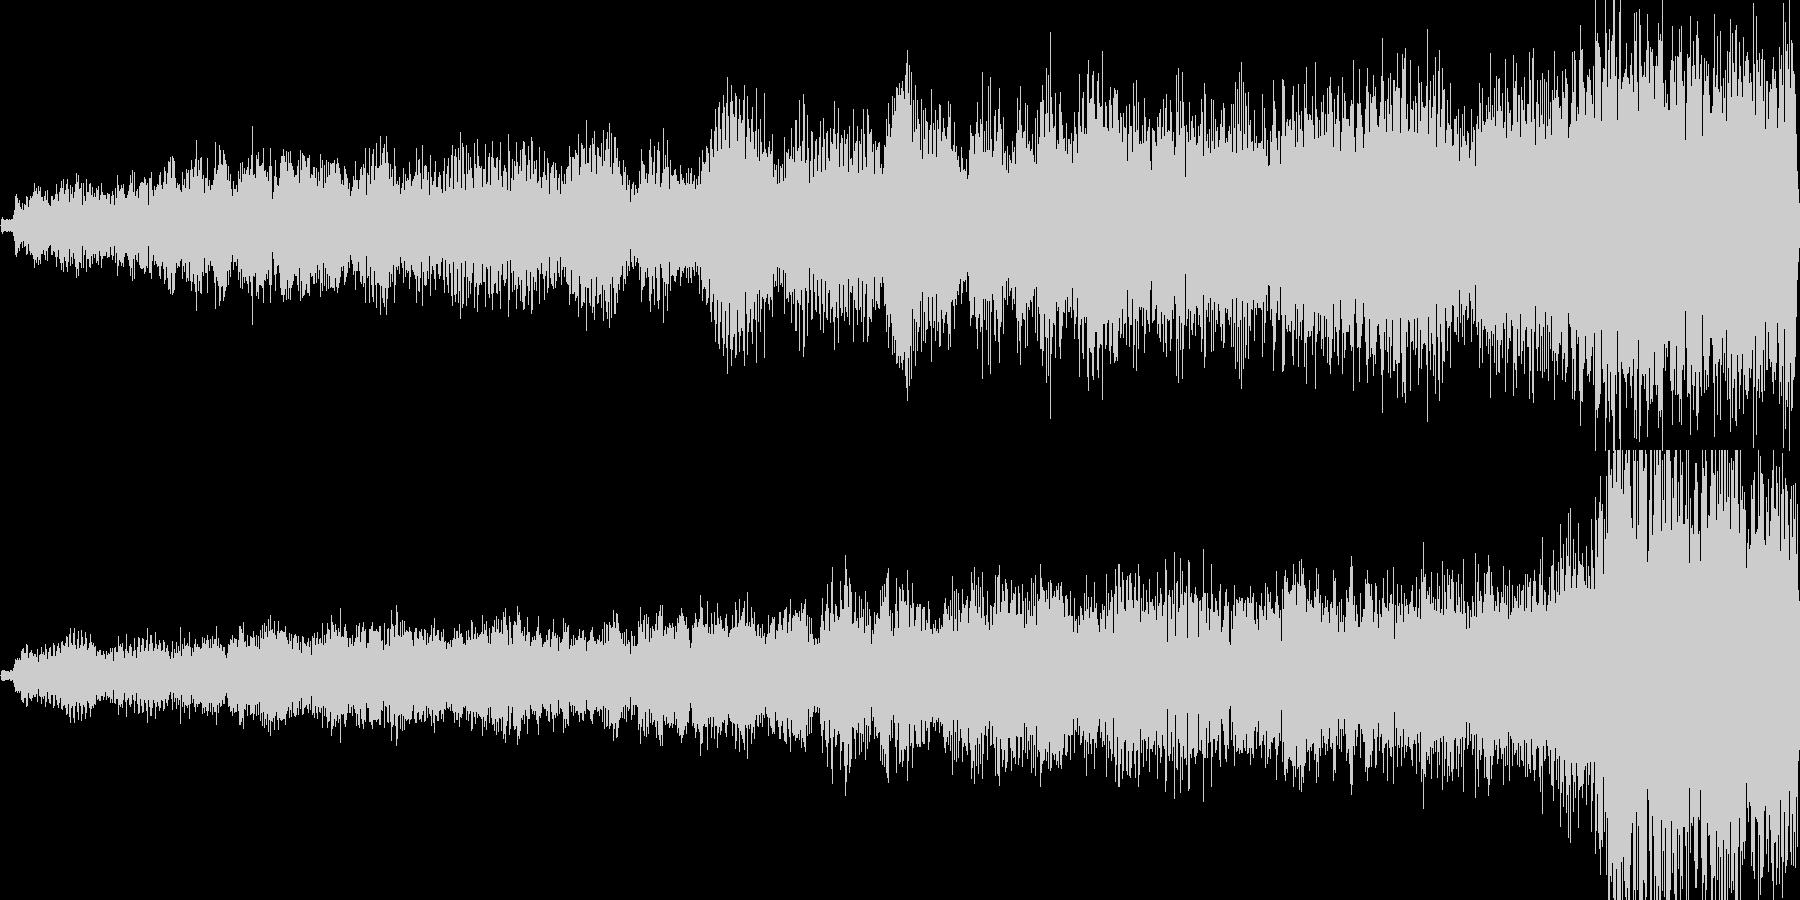 フワーンシュッ (転送の効果音)の未再生の波形